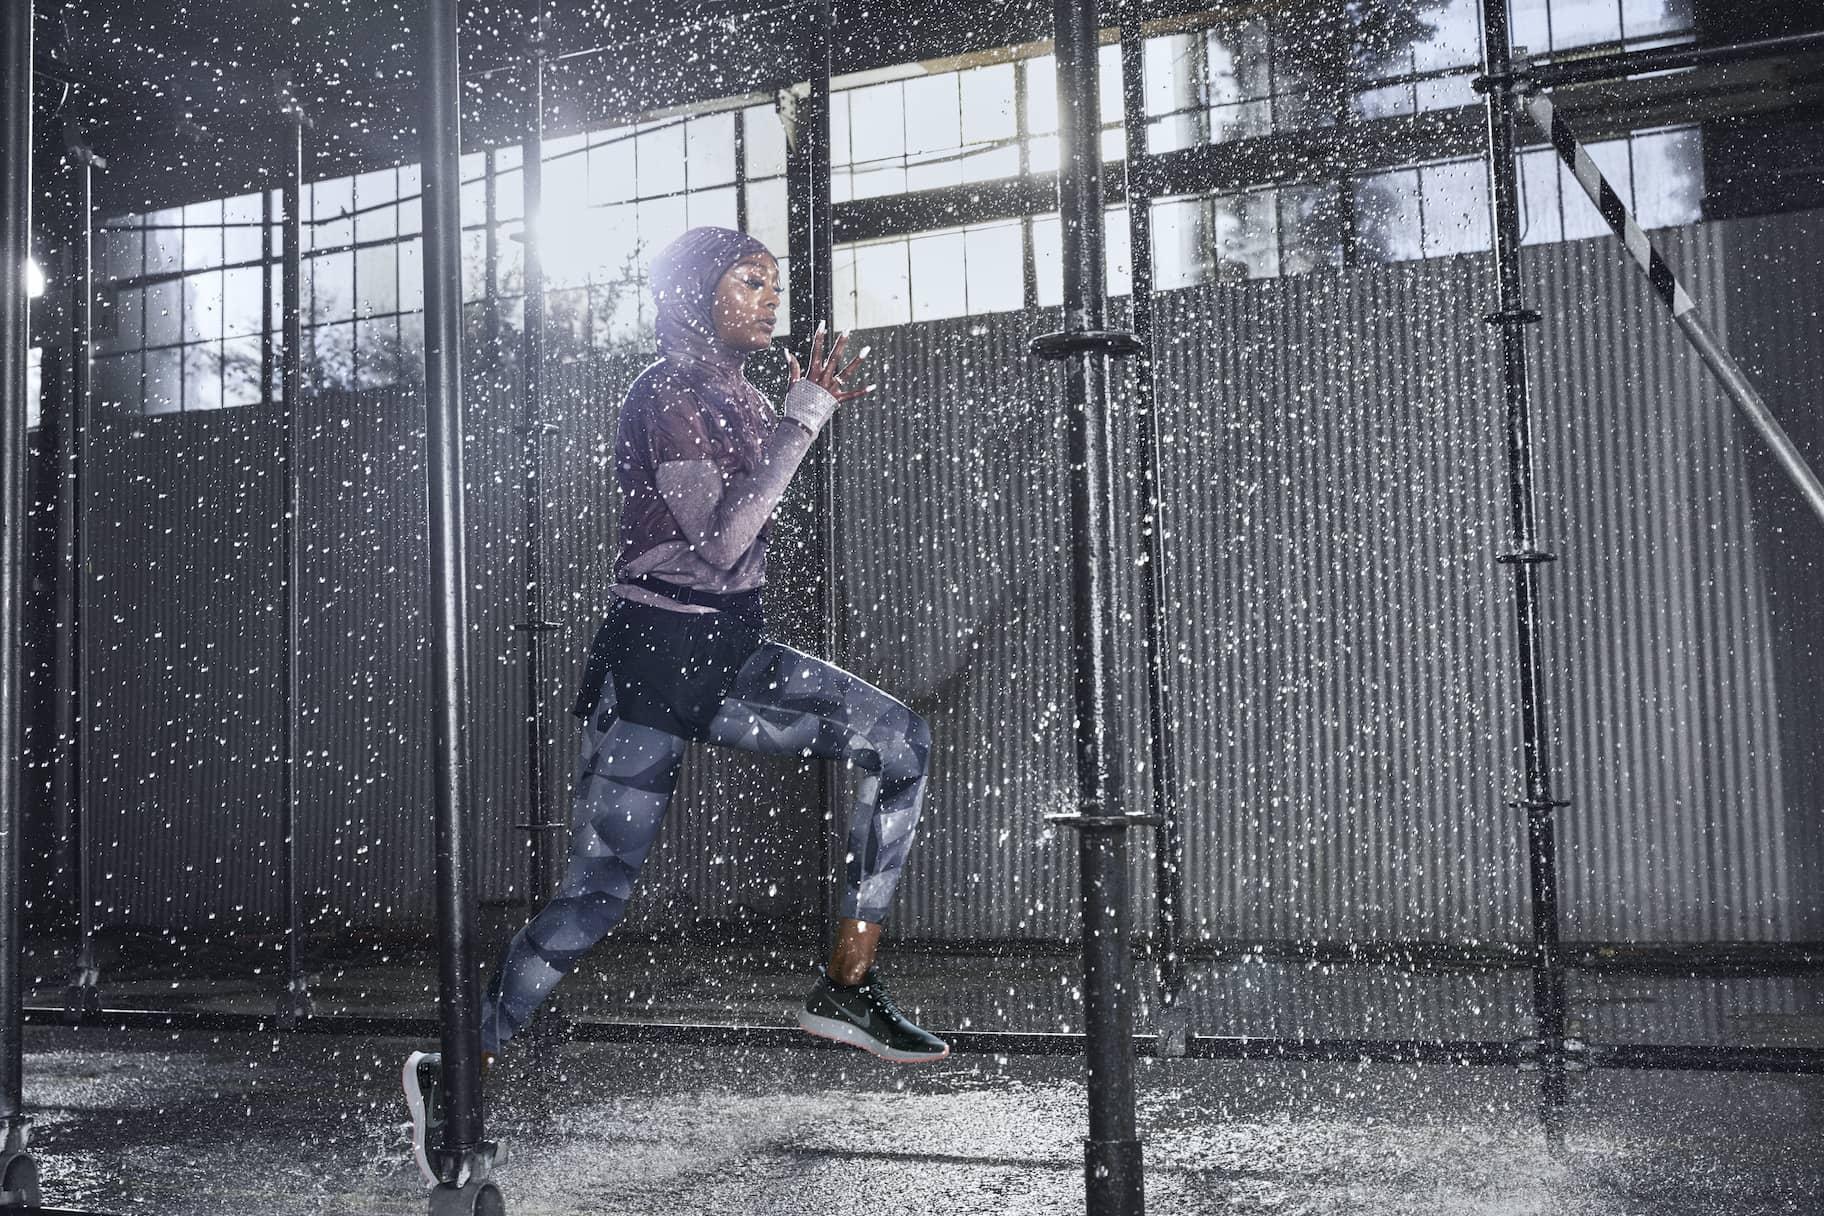 Vandtæt løbeudstyr til løb på regnvejrsdage